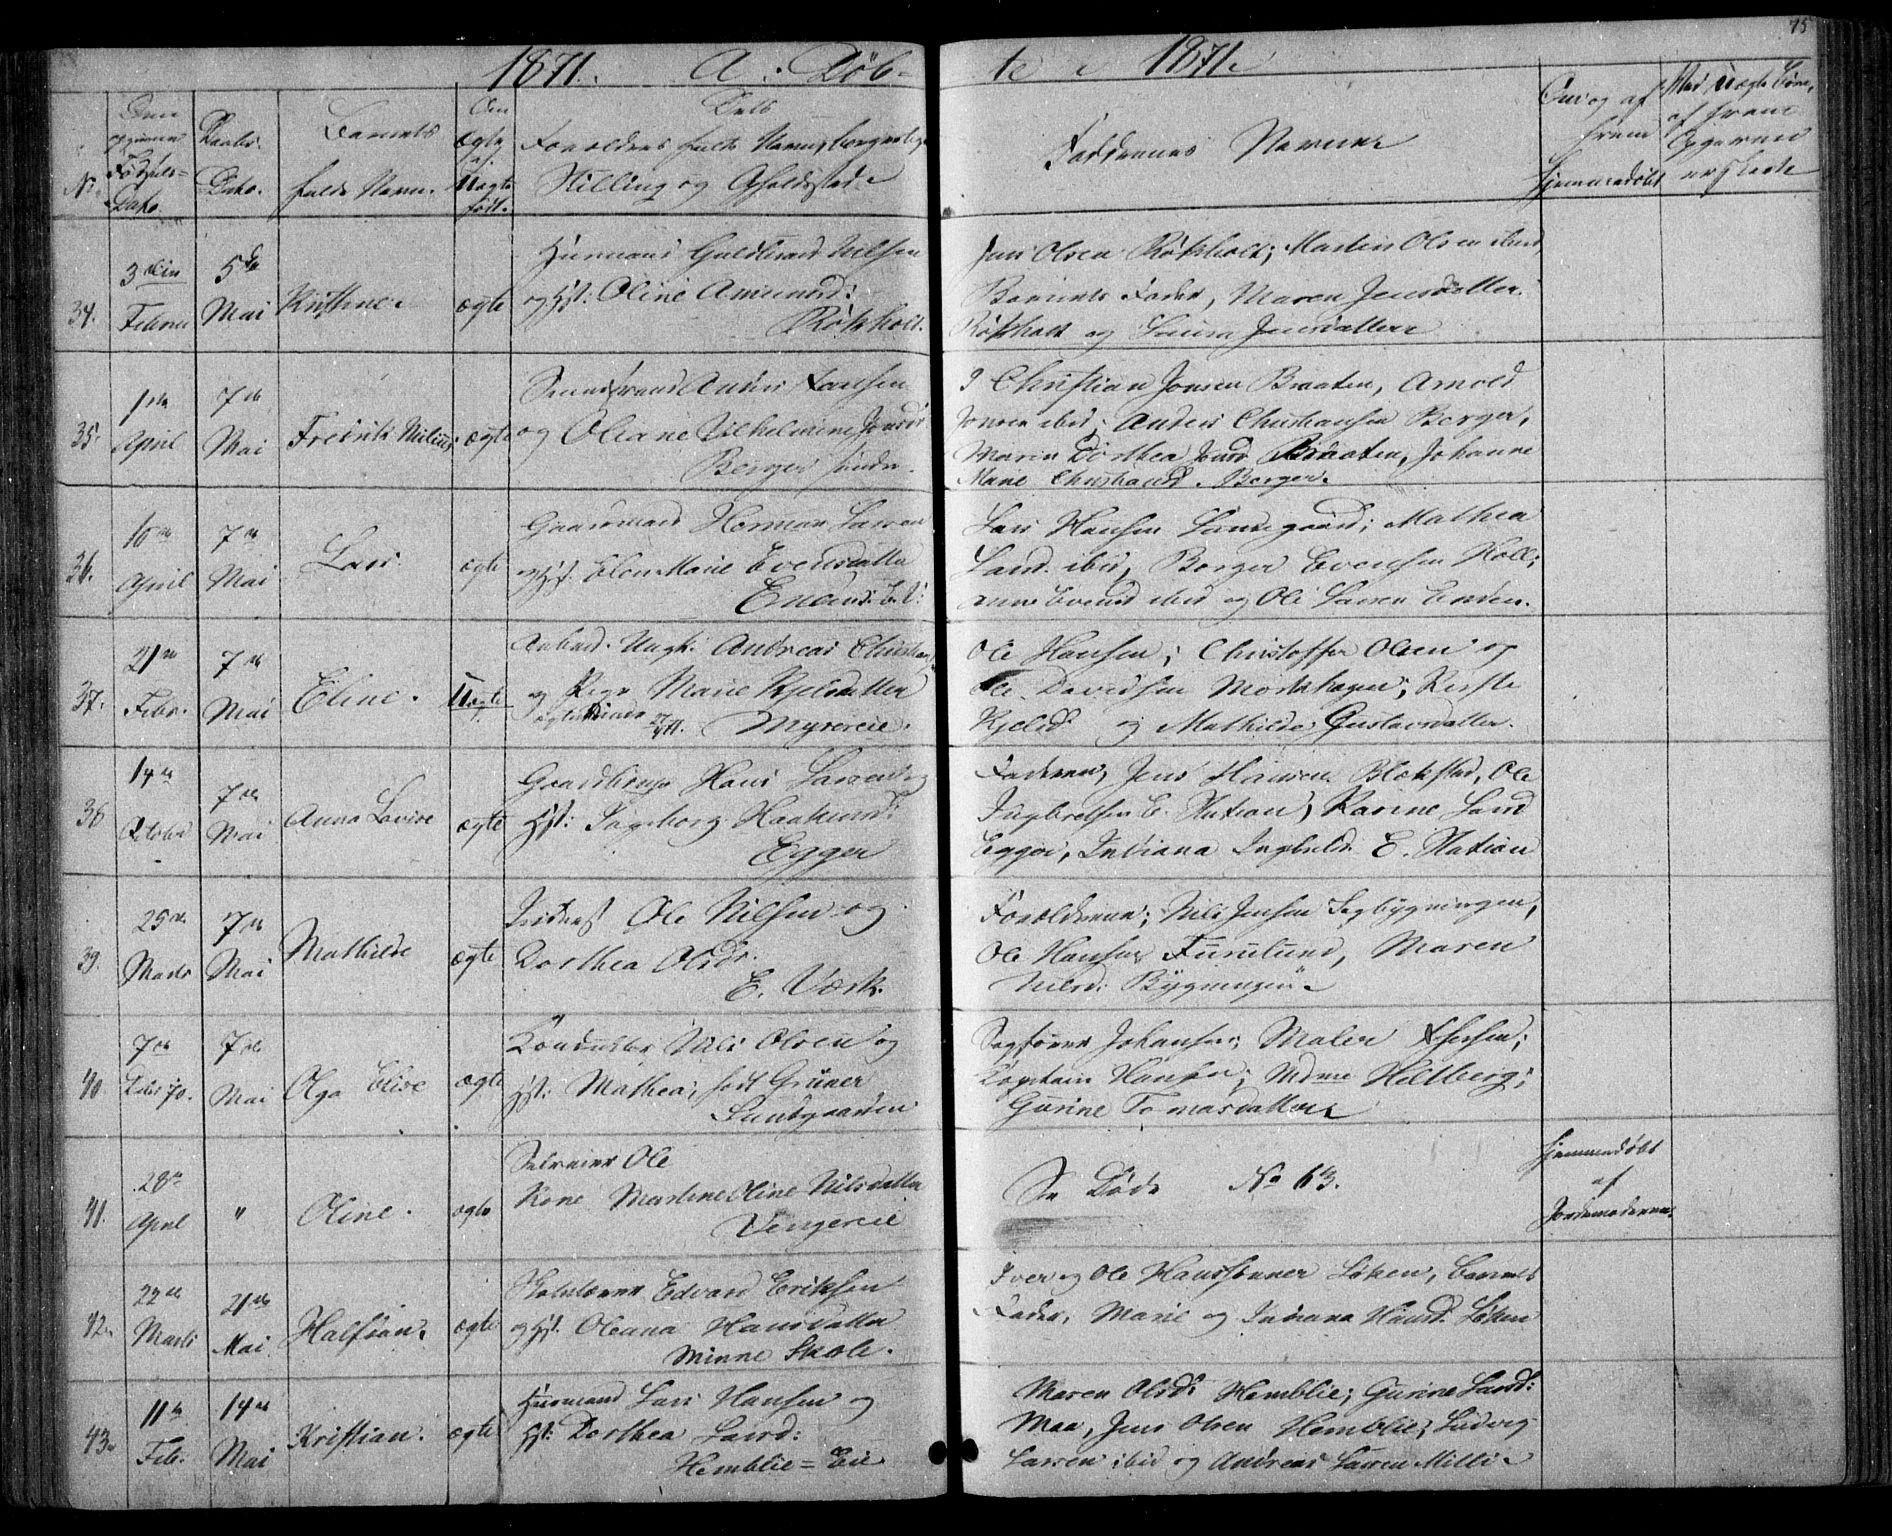 SAO, Eidsvoll prestekontor Kirkebøker, G/Ga/L0002: Klokkerbok nr. I 2, 1866-1871, s. 75